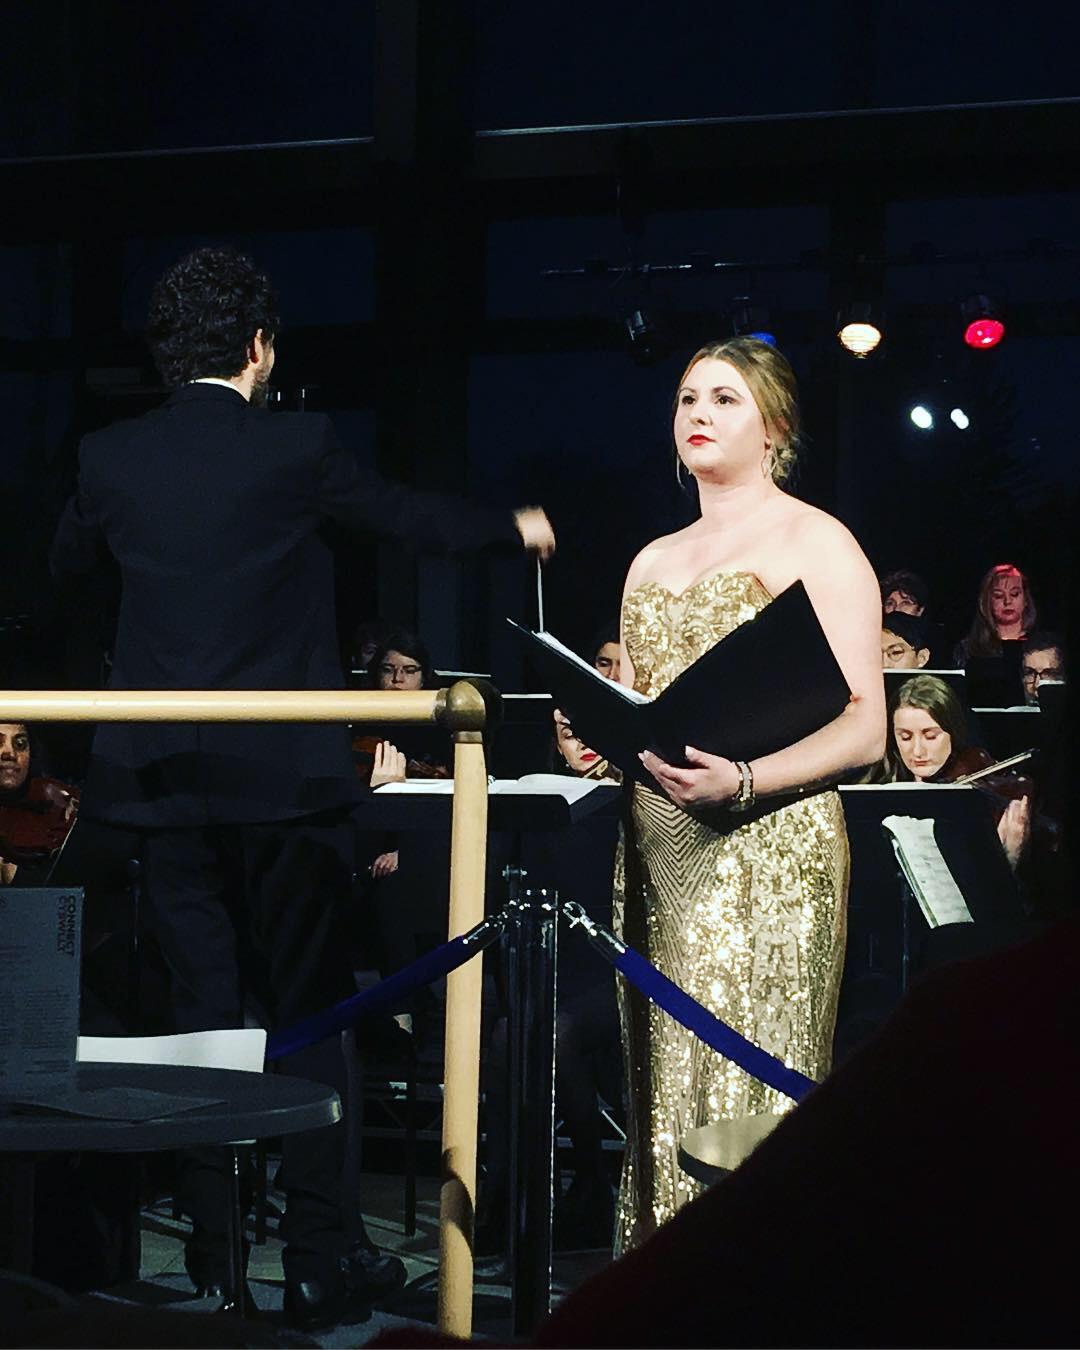 La Demoiselle Elue, Debussy